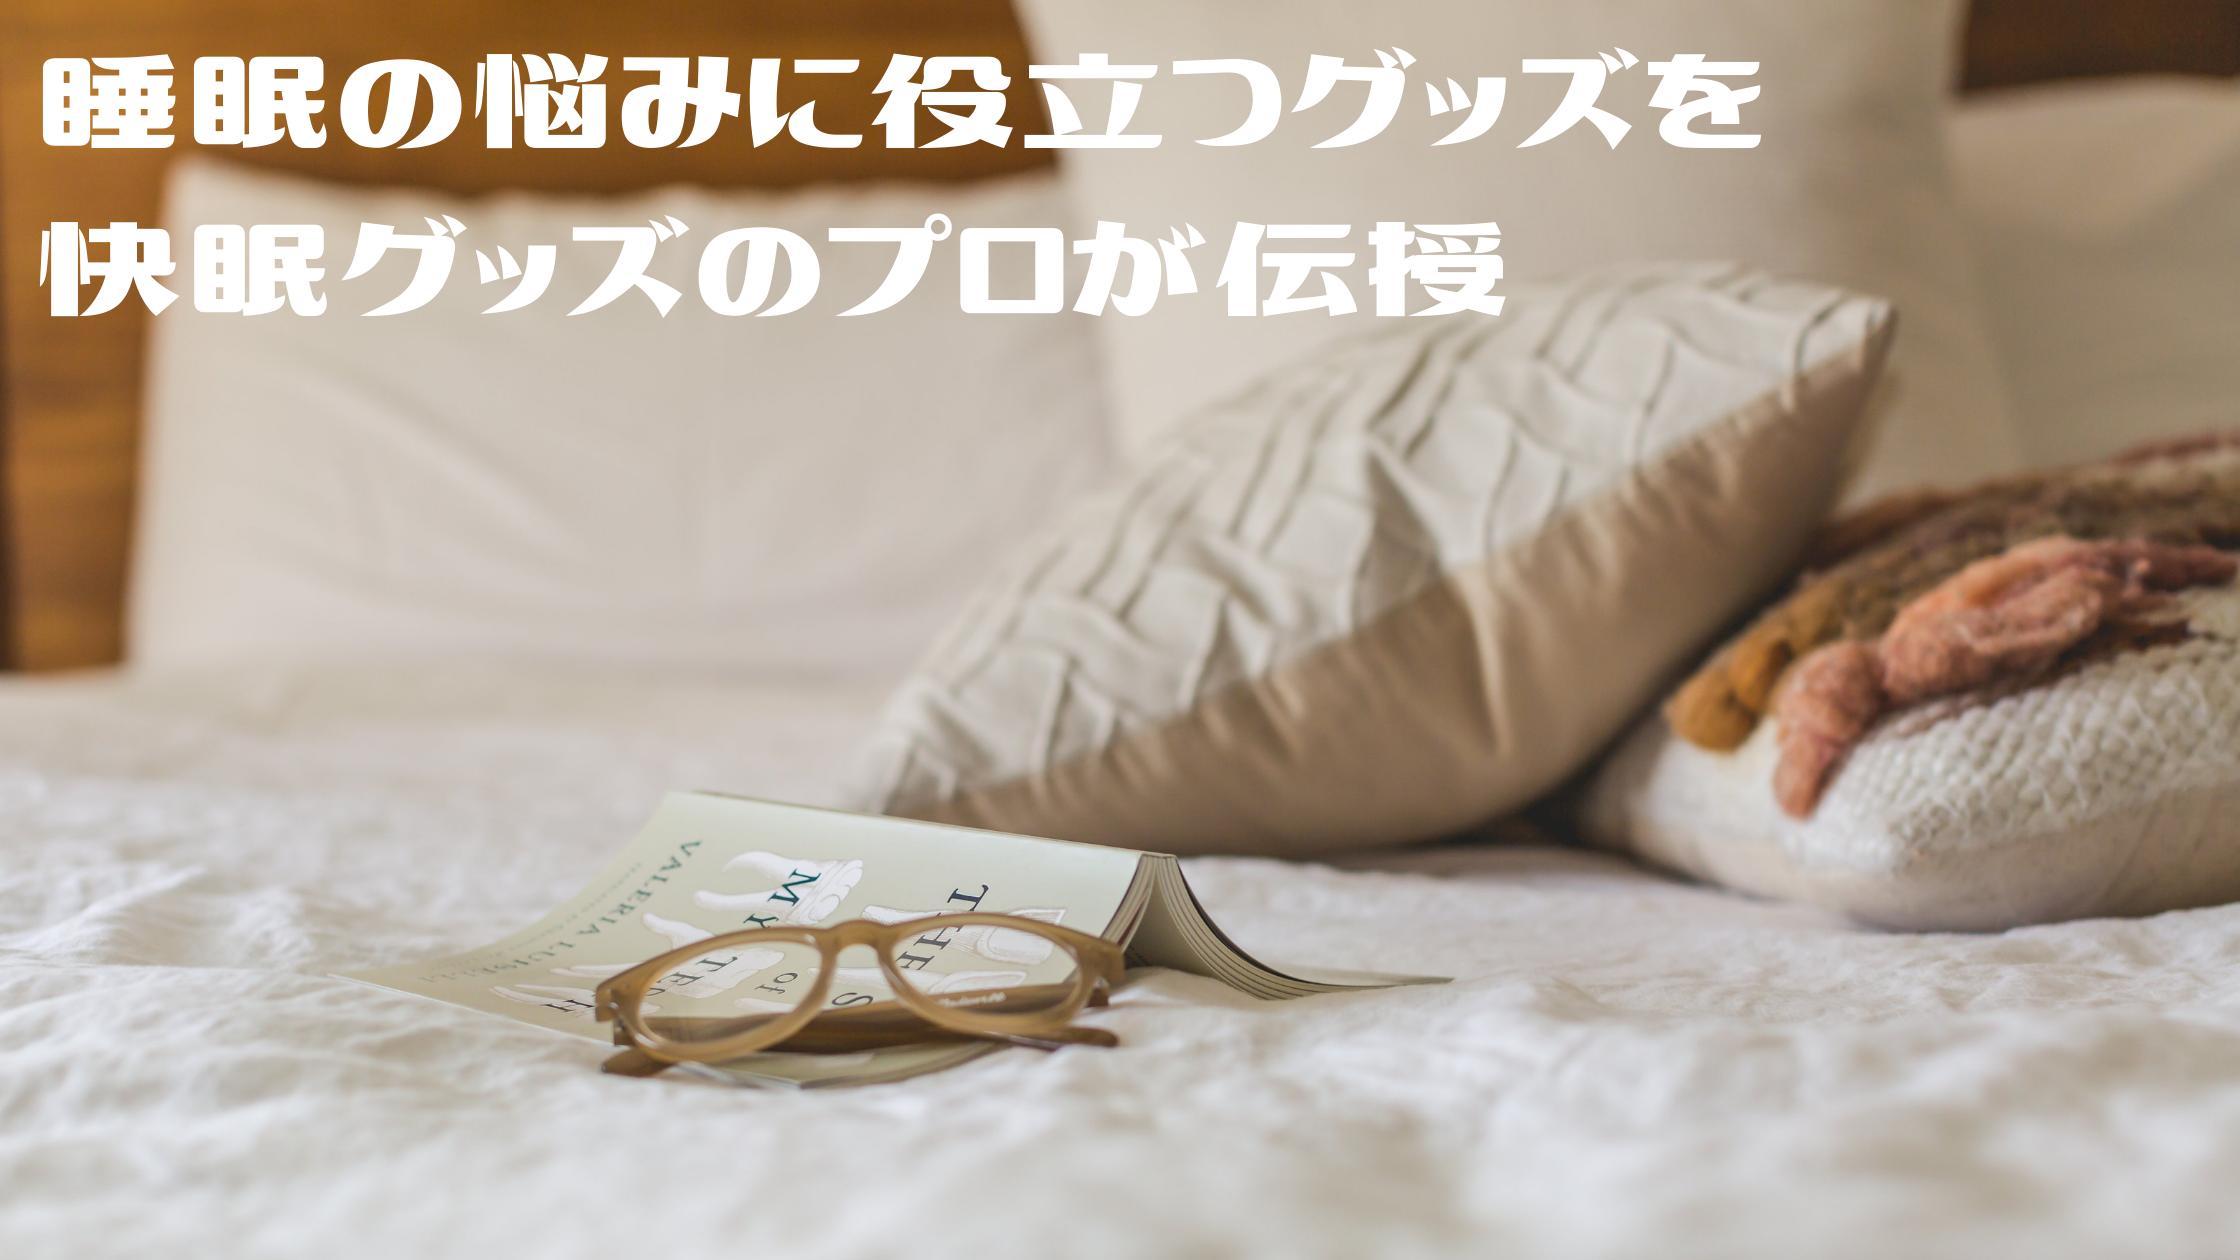 【メレンゲの気持ち】『寝つきが悪い』『いびき』『枕が合わない』【お悩み別 快眠グッズ】